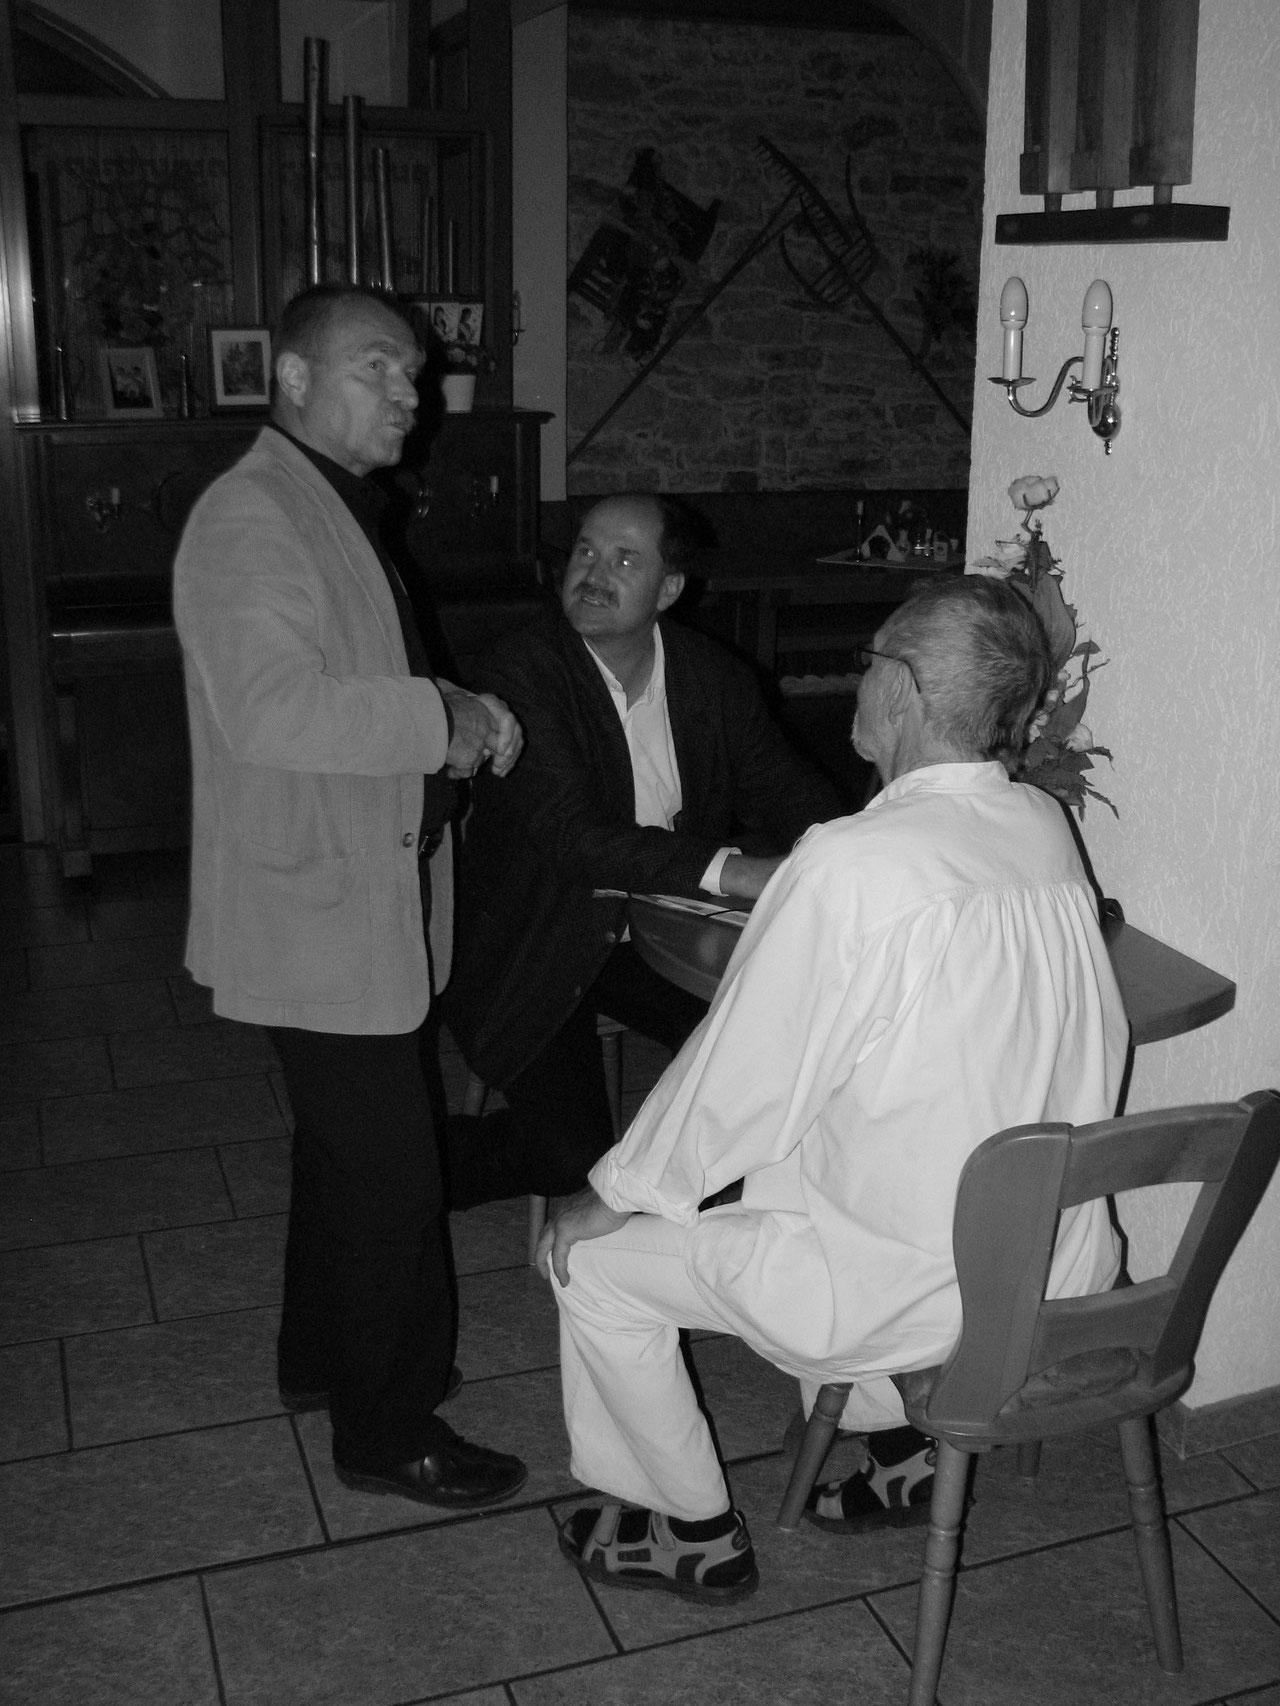 Herr Hermann im Gespräch mit den Künstlern von der Nische.